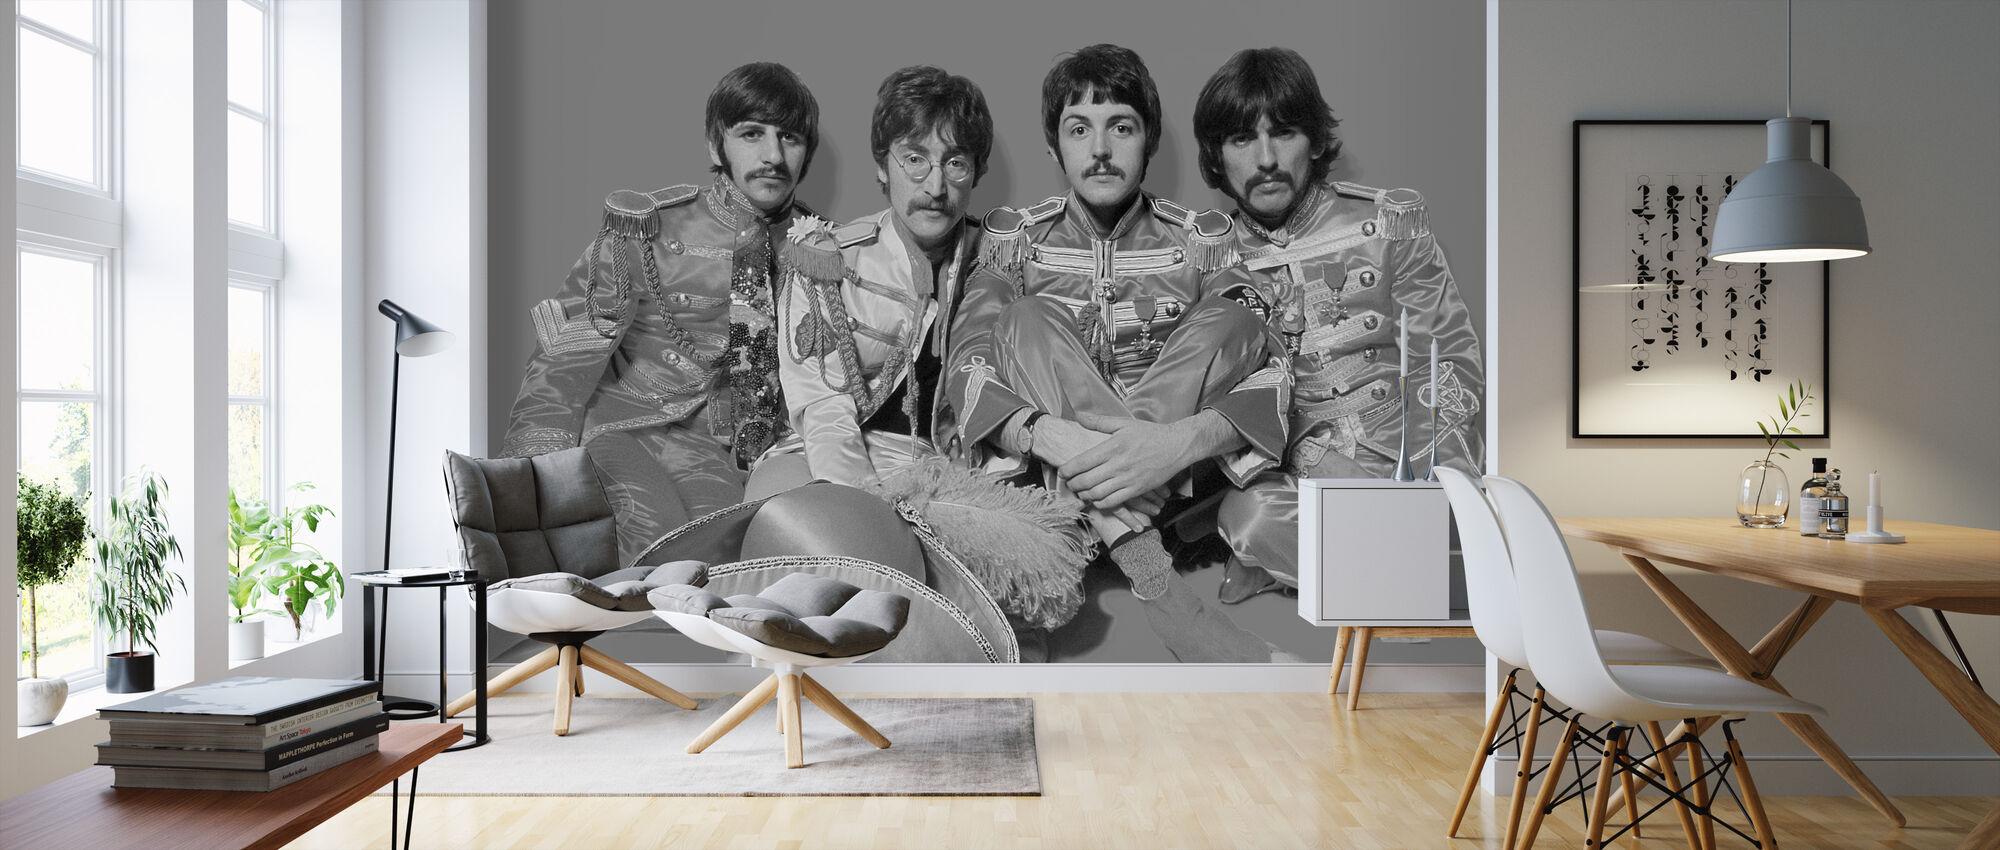 Beatles - Kersantti Pepperit Yksinäiset sydämet Club Band Harmaa - Tapetti - Olohuone